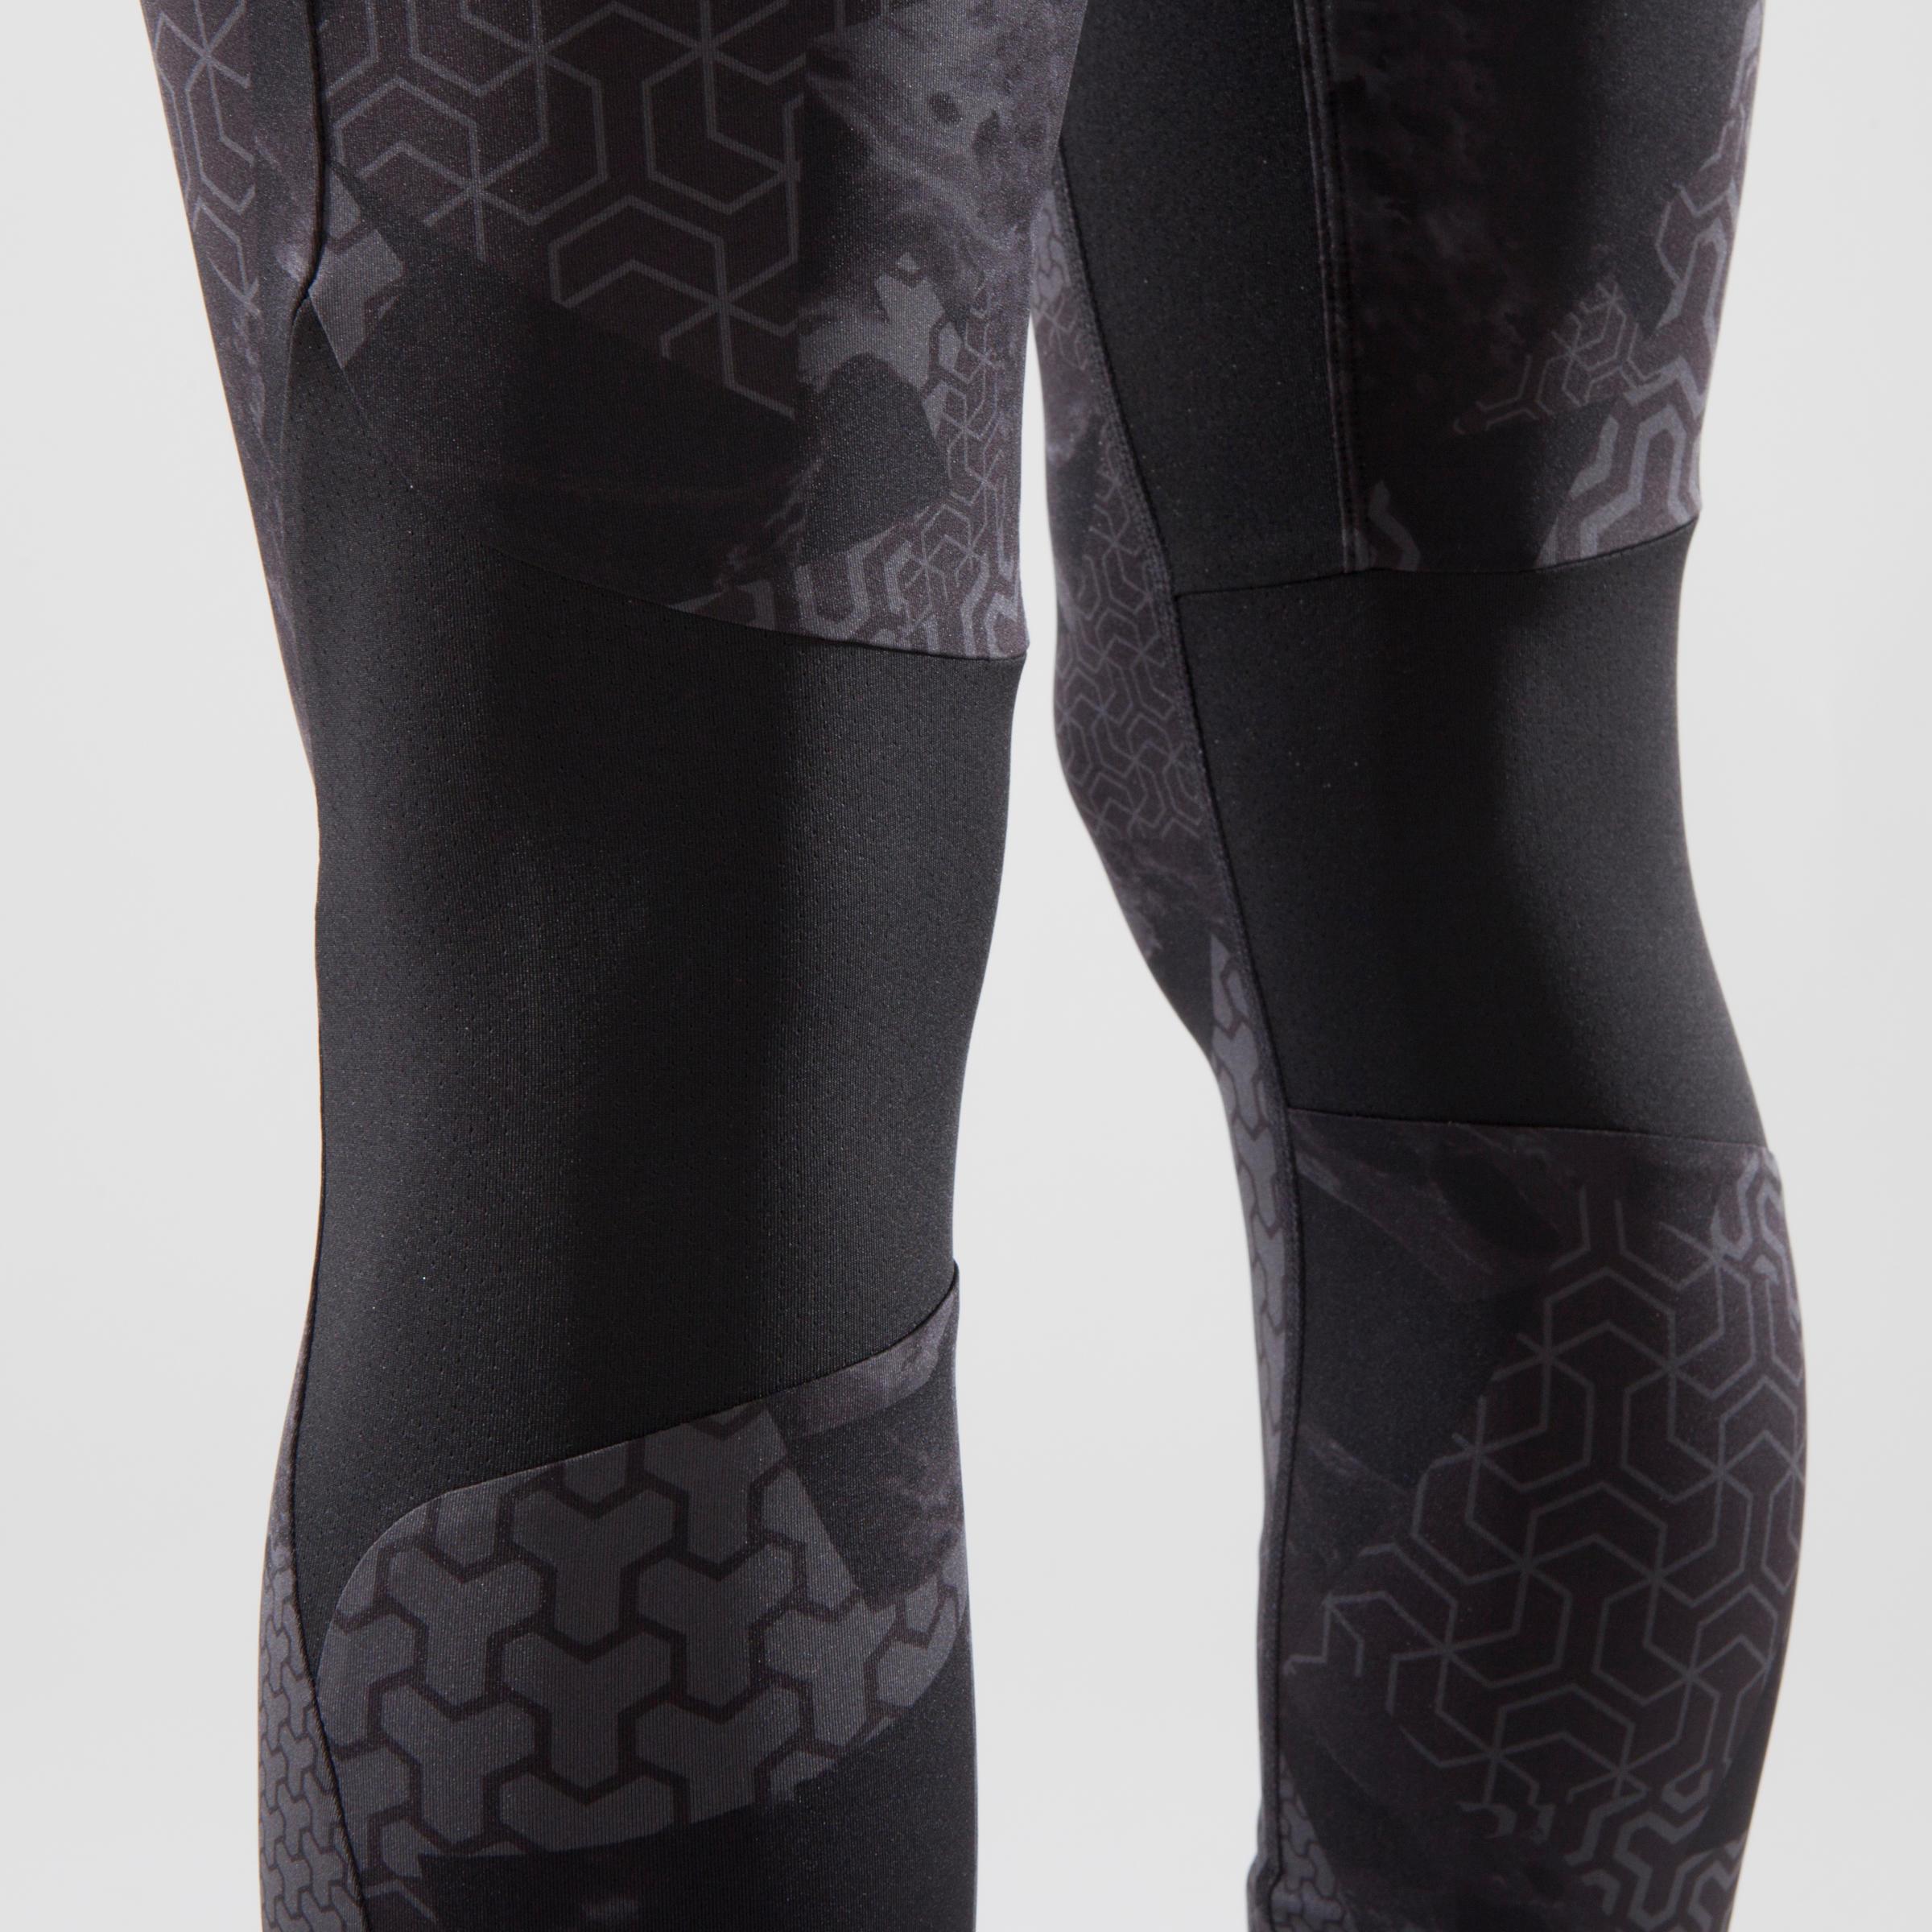 500 Women's Cross Training Leggings - Black